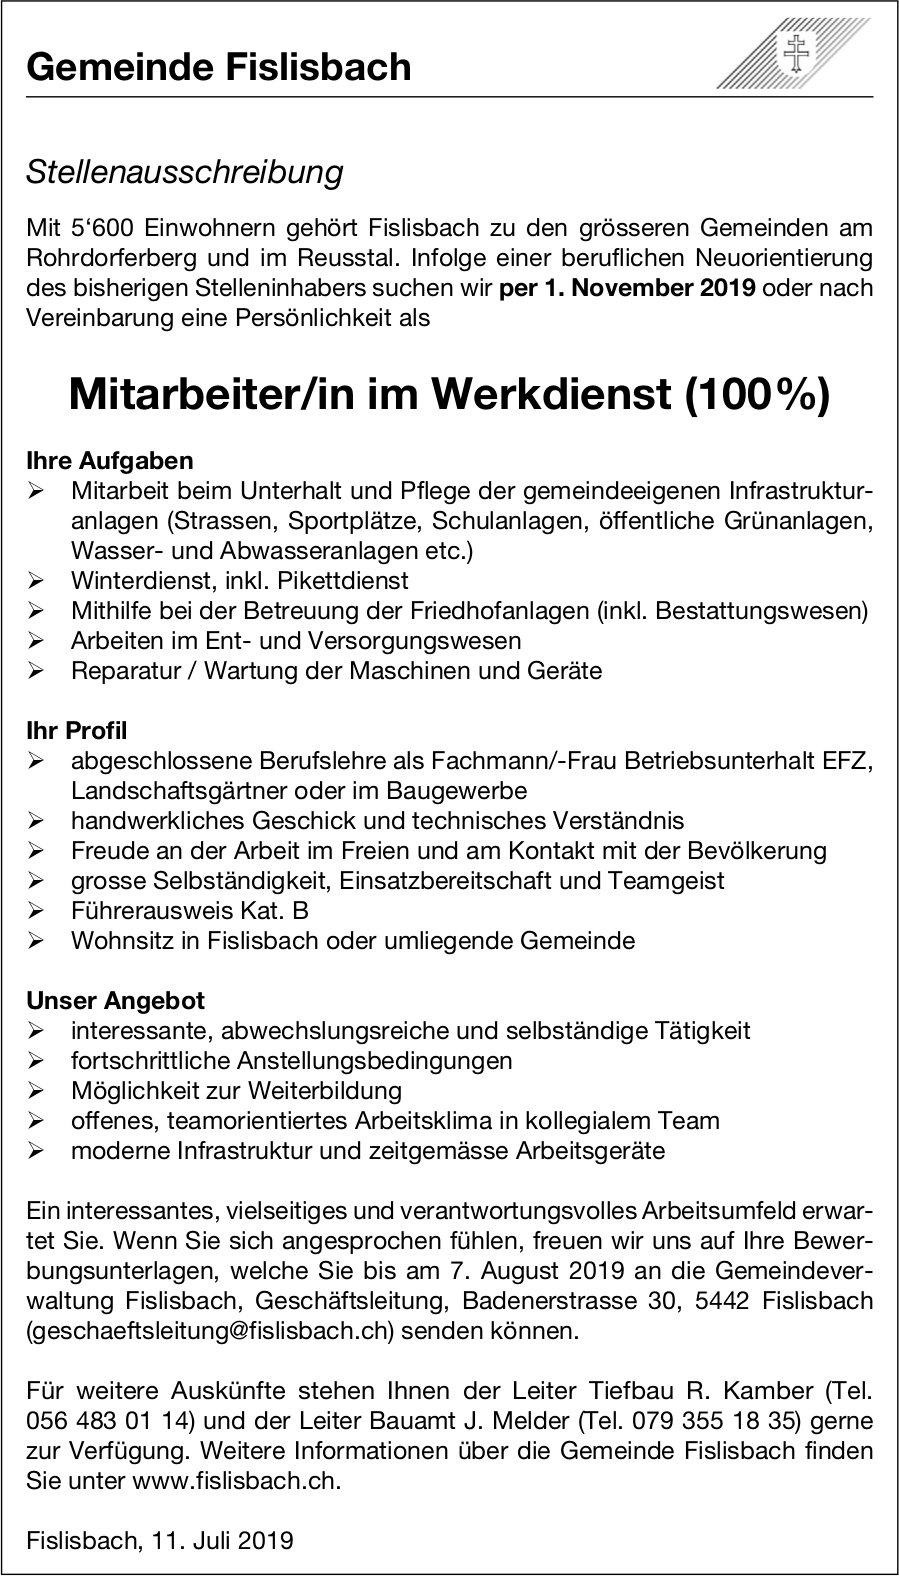 Mitarbeiter/in im Werkdienst (100%) bei Gemeinde Fislisbach gesucht